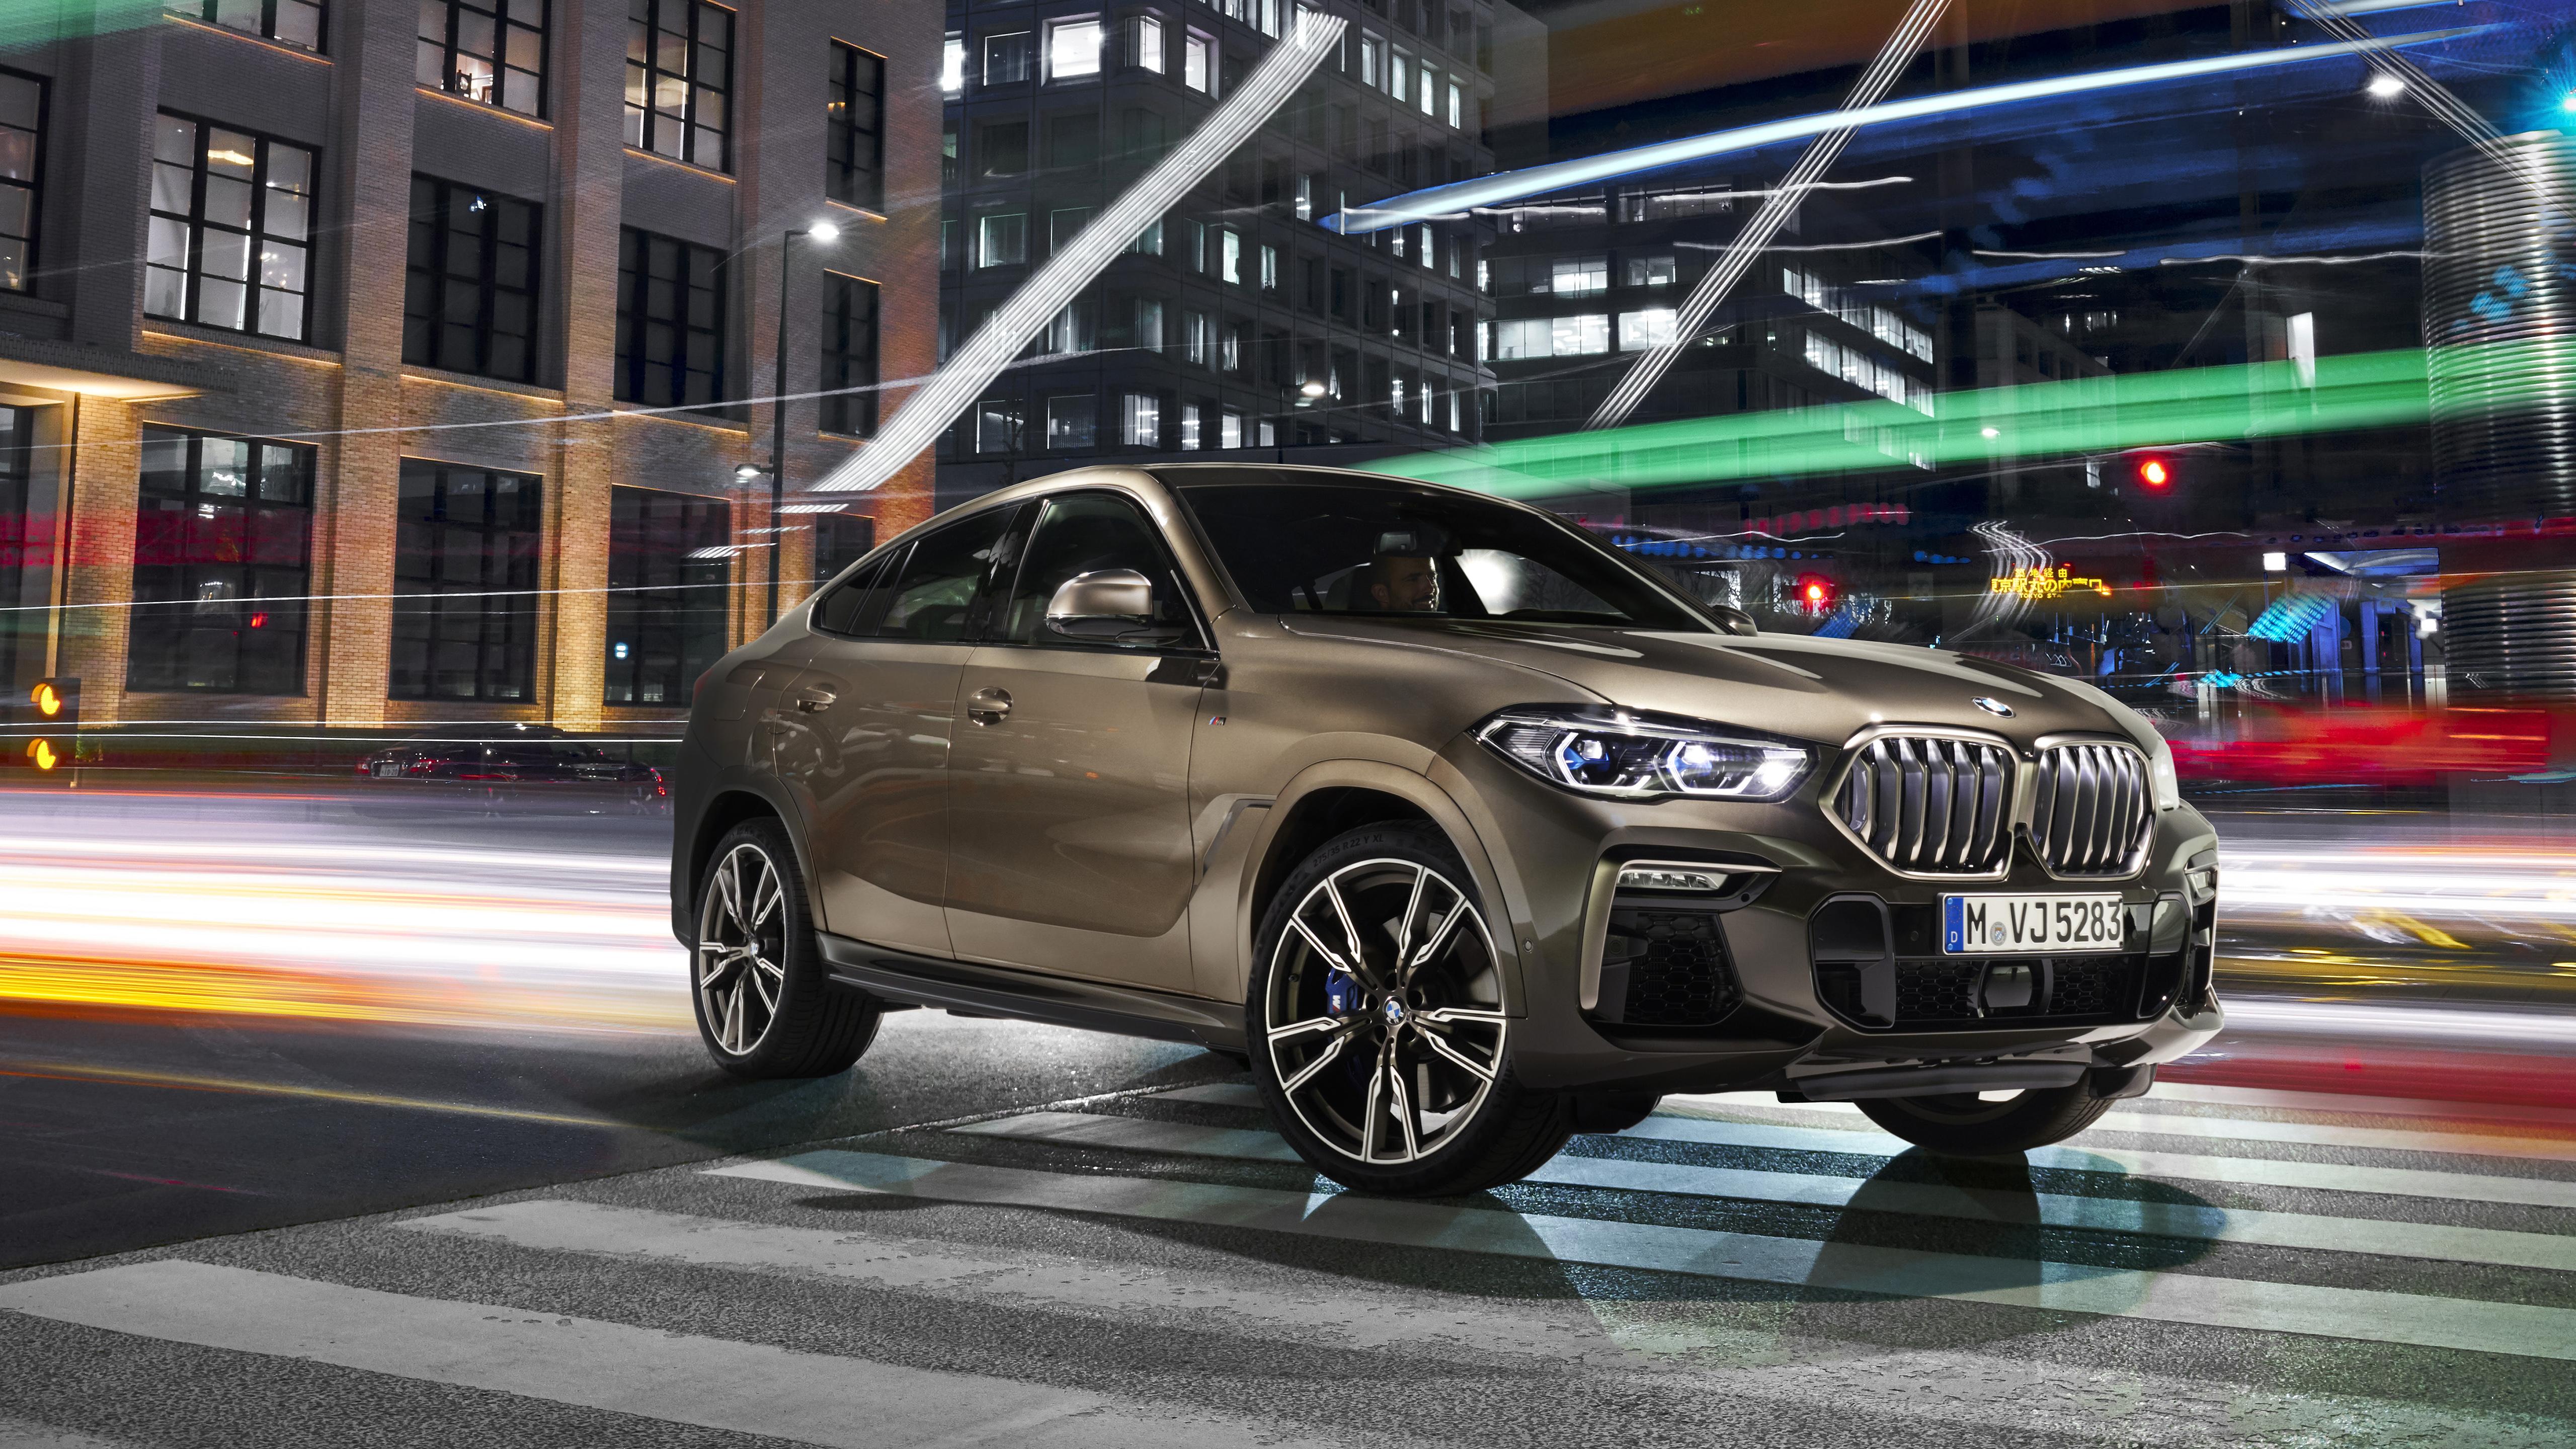 BMW X6 M50i 2019 5K Wallpaper   HD Car Wallpapers   ID #12851